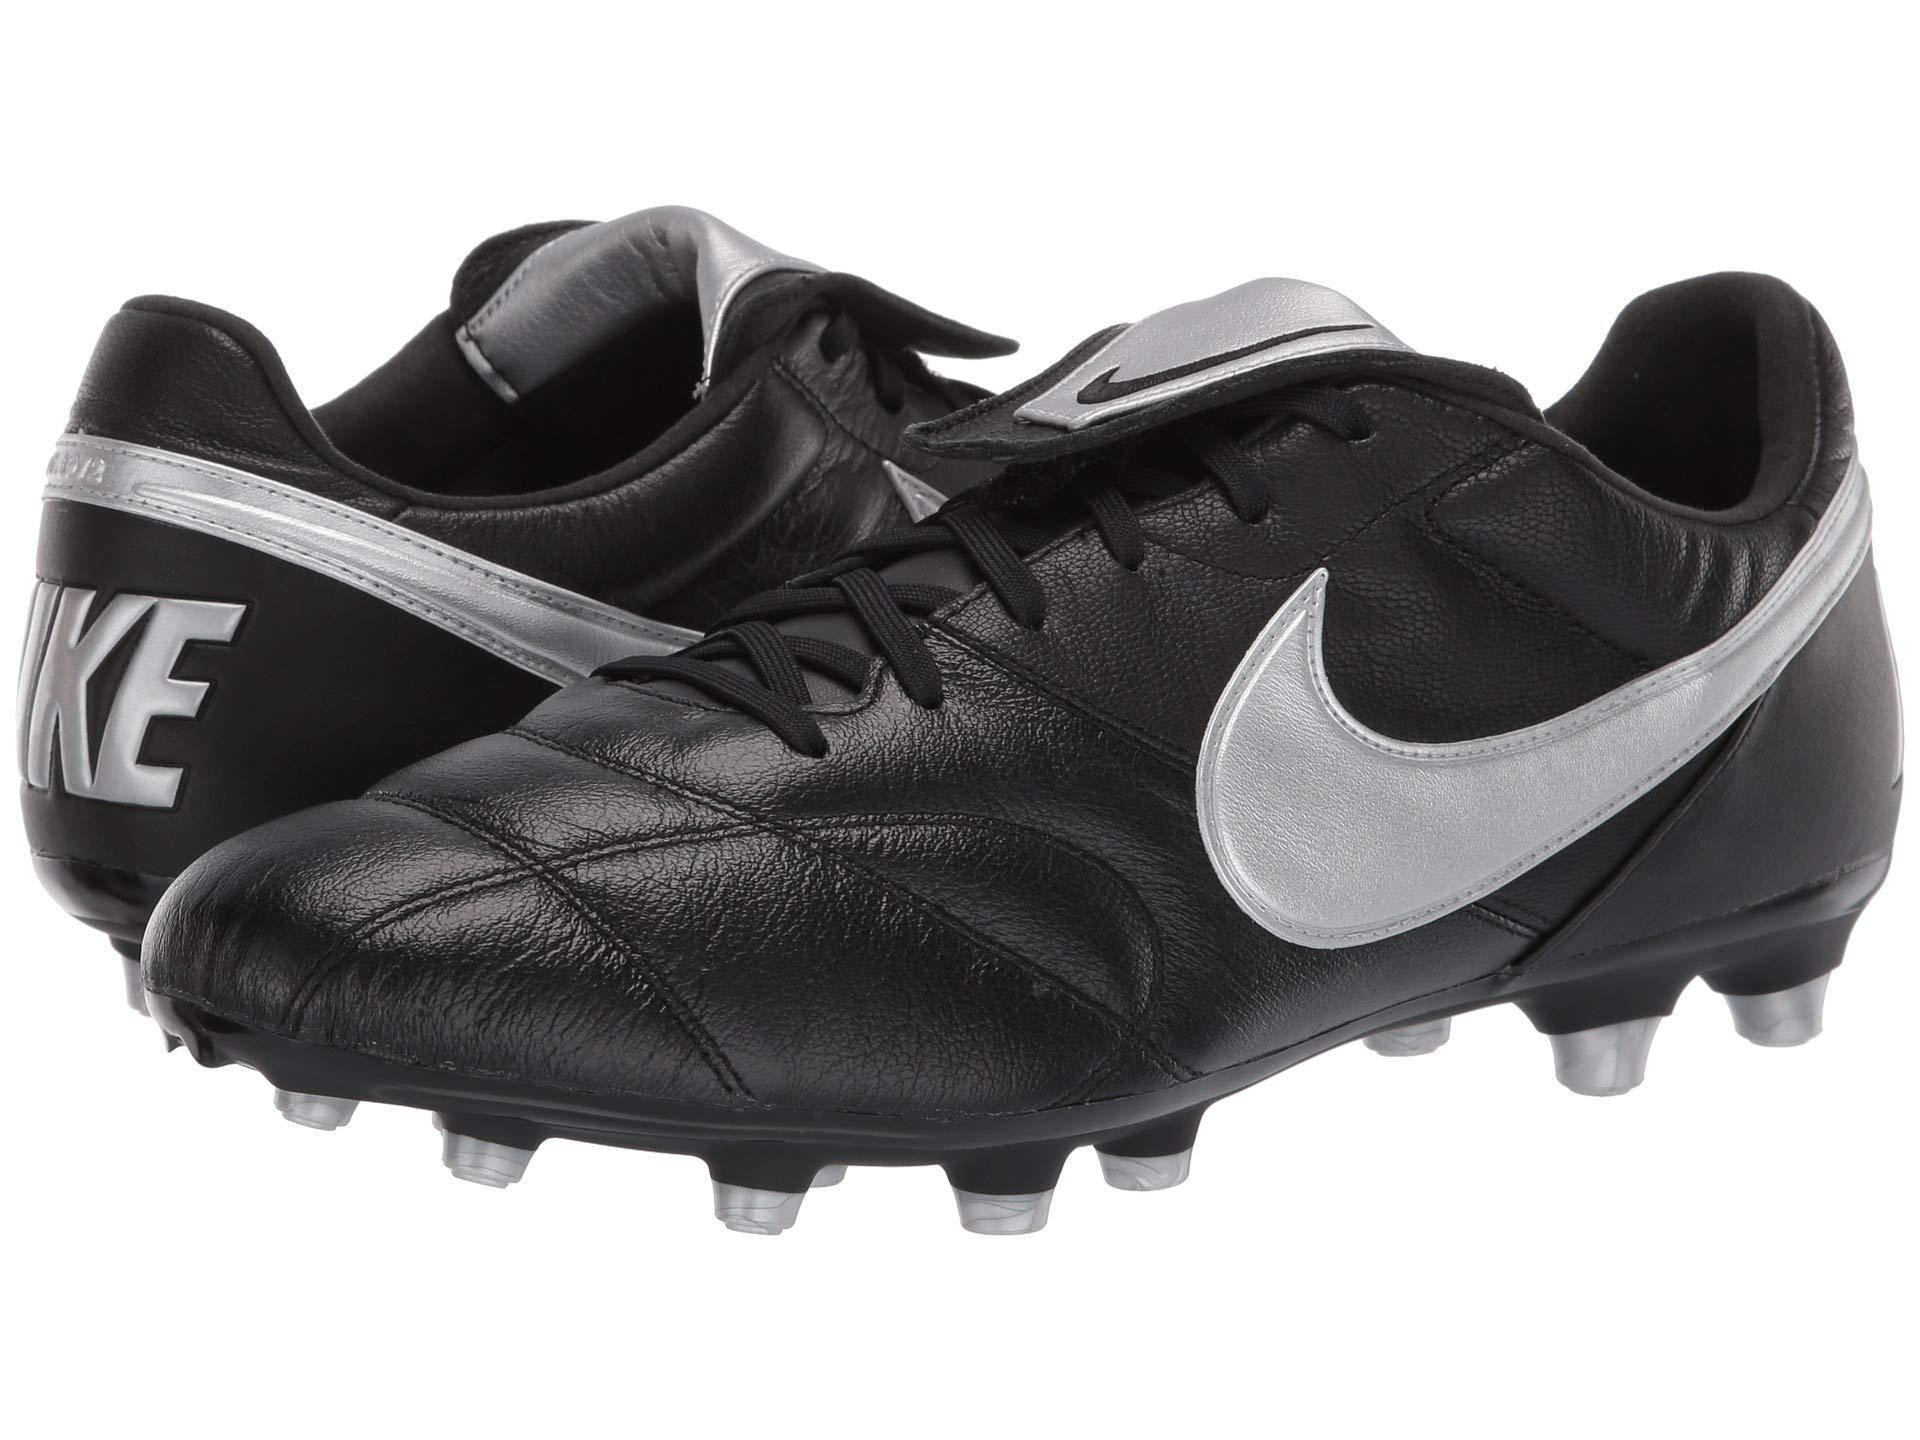 check out e3fa3 ede6a Nike. Premier Ii Fg ...